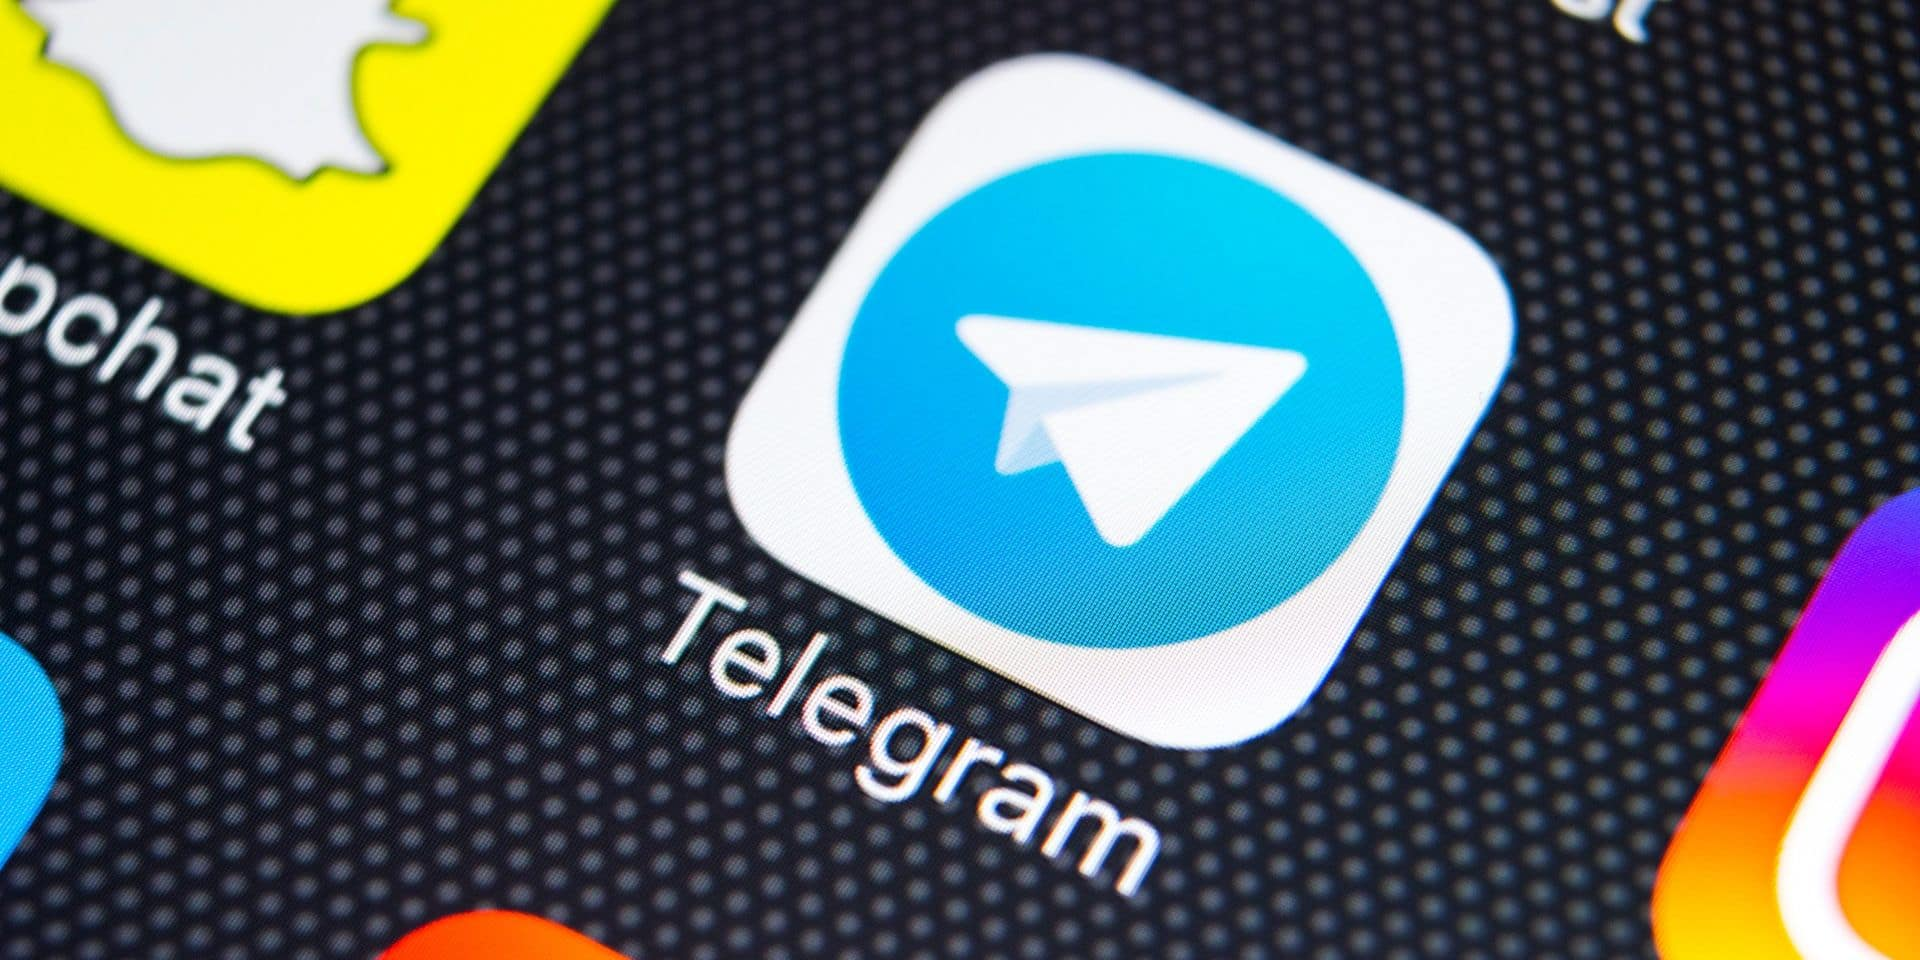 L'exode des utilisateurs de WhatsApp continue : 25 millions de personnes rejoignent Telegram